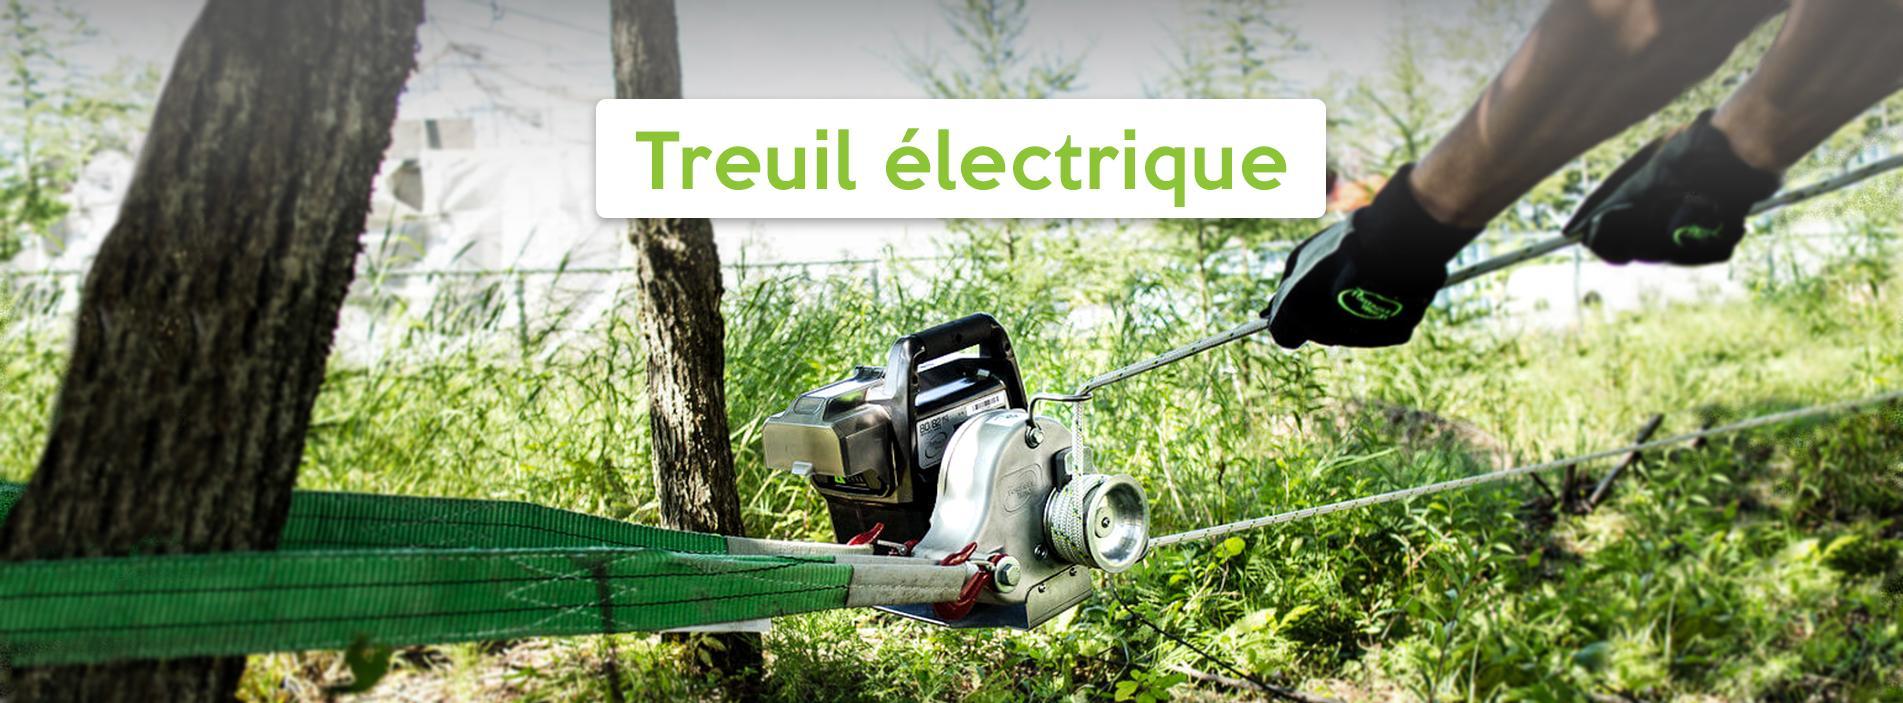 Treuil électrique